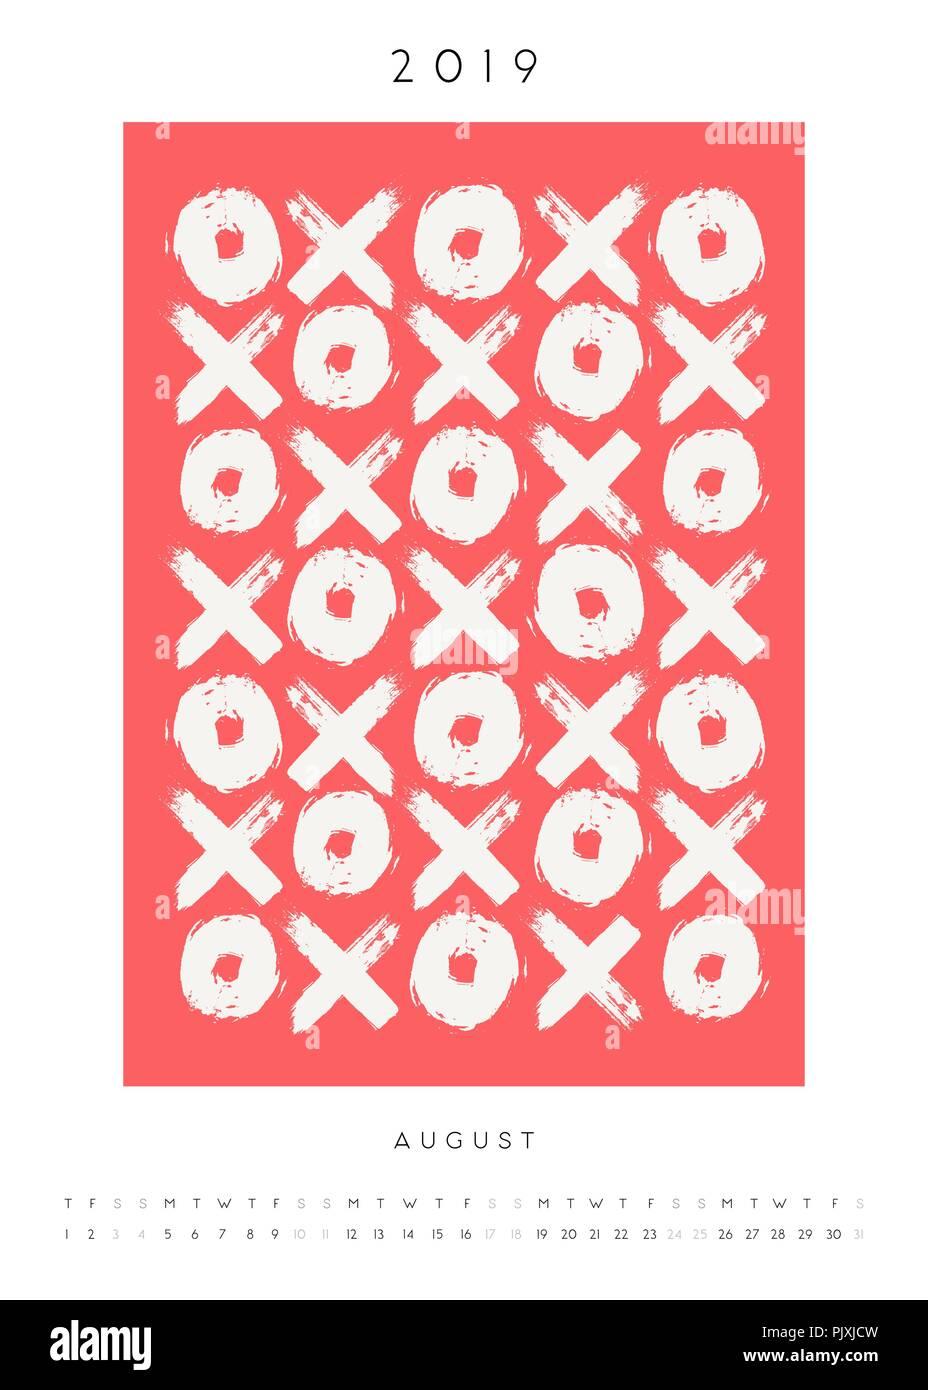 Calendario Significato.Versione Stampabile Formato A4 Agosto 2019 Calendario